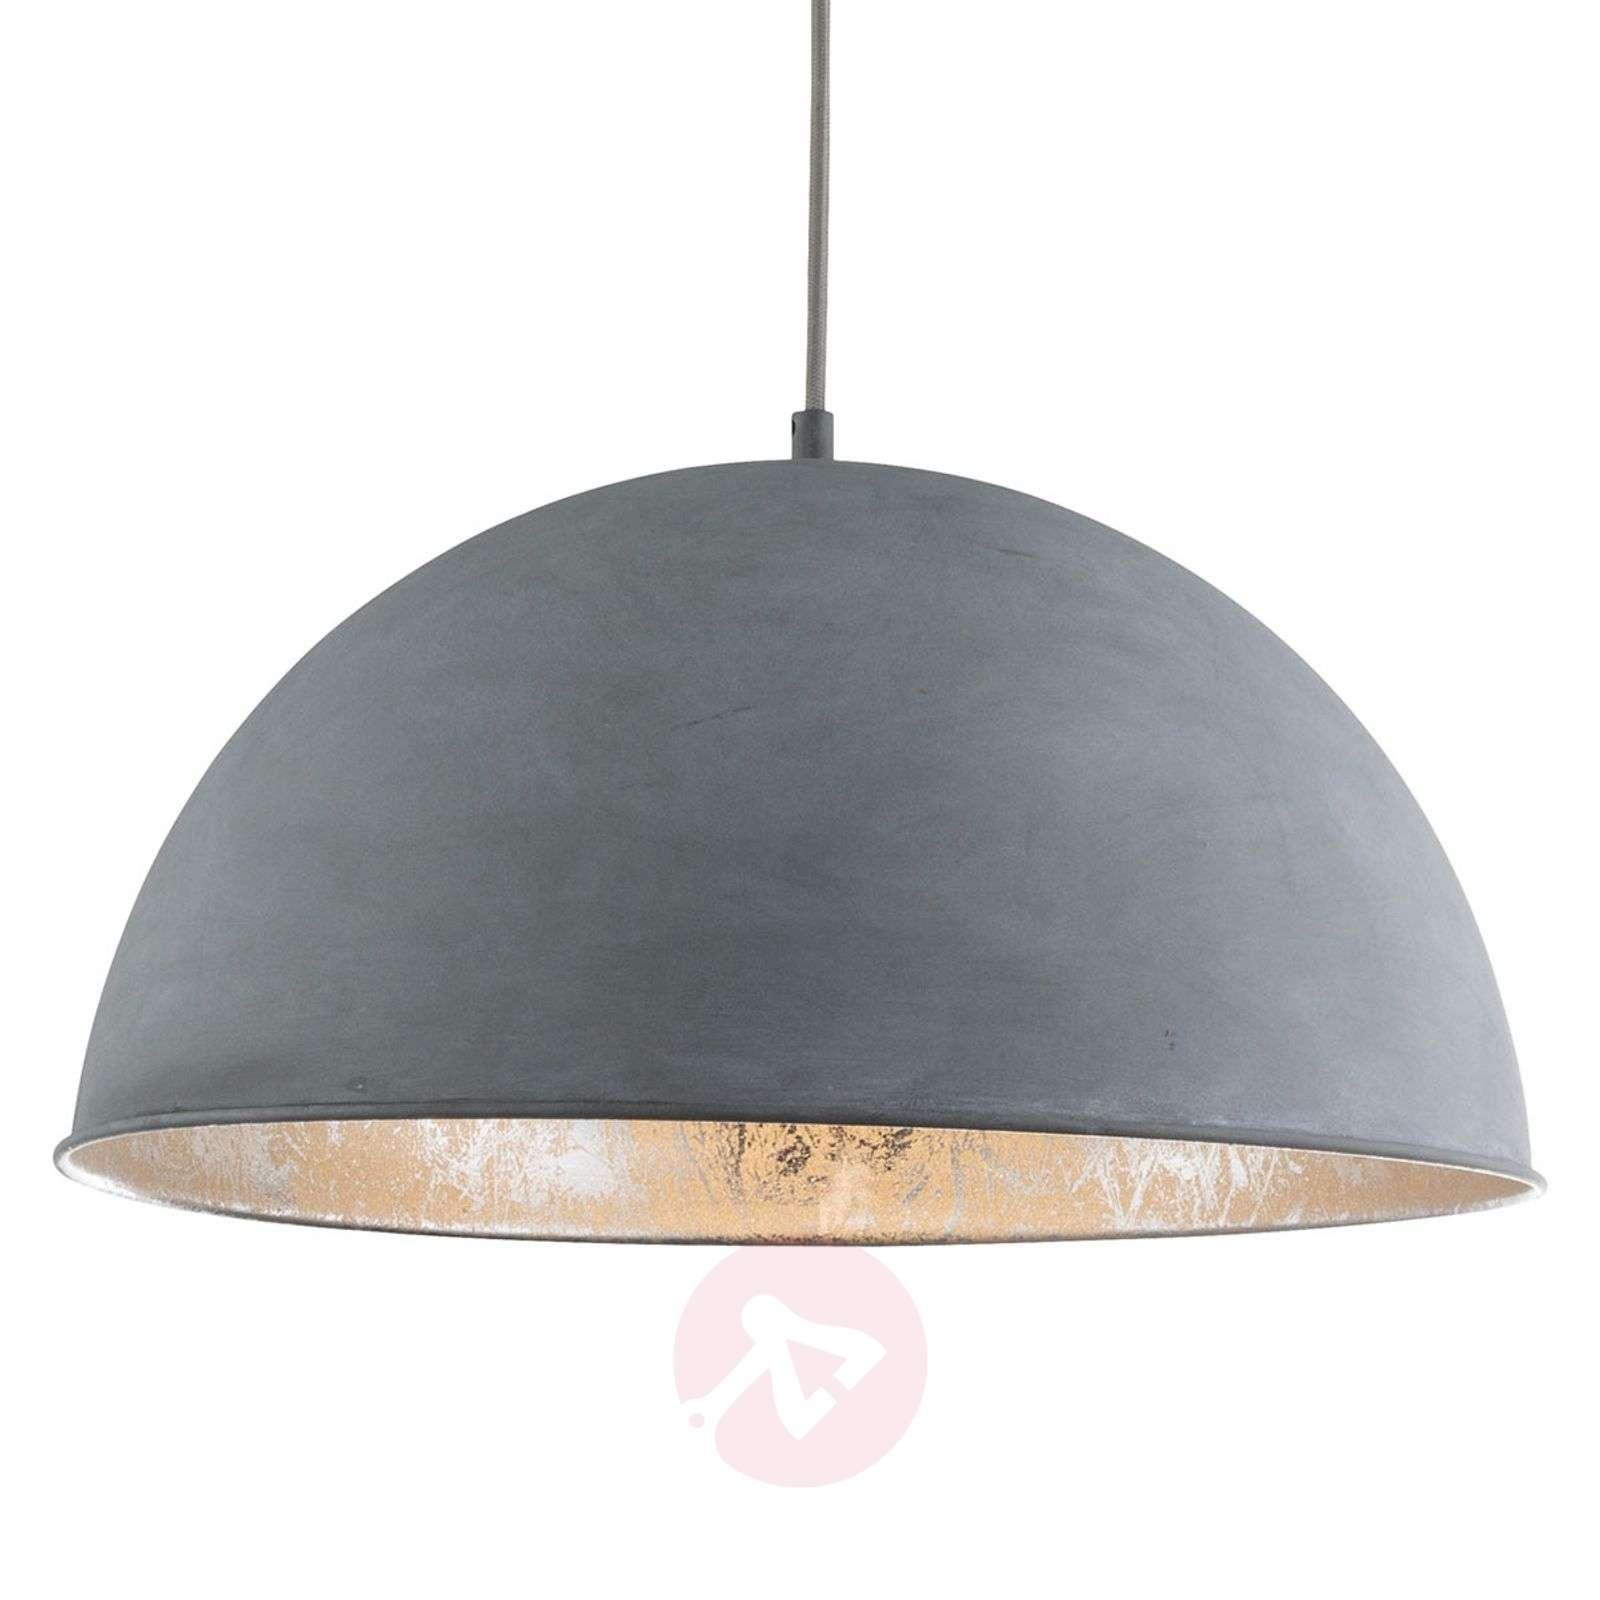 Miram – betonityylinen riippuvalaisin-4015070-01